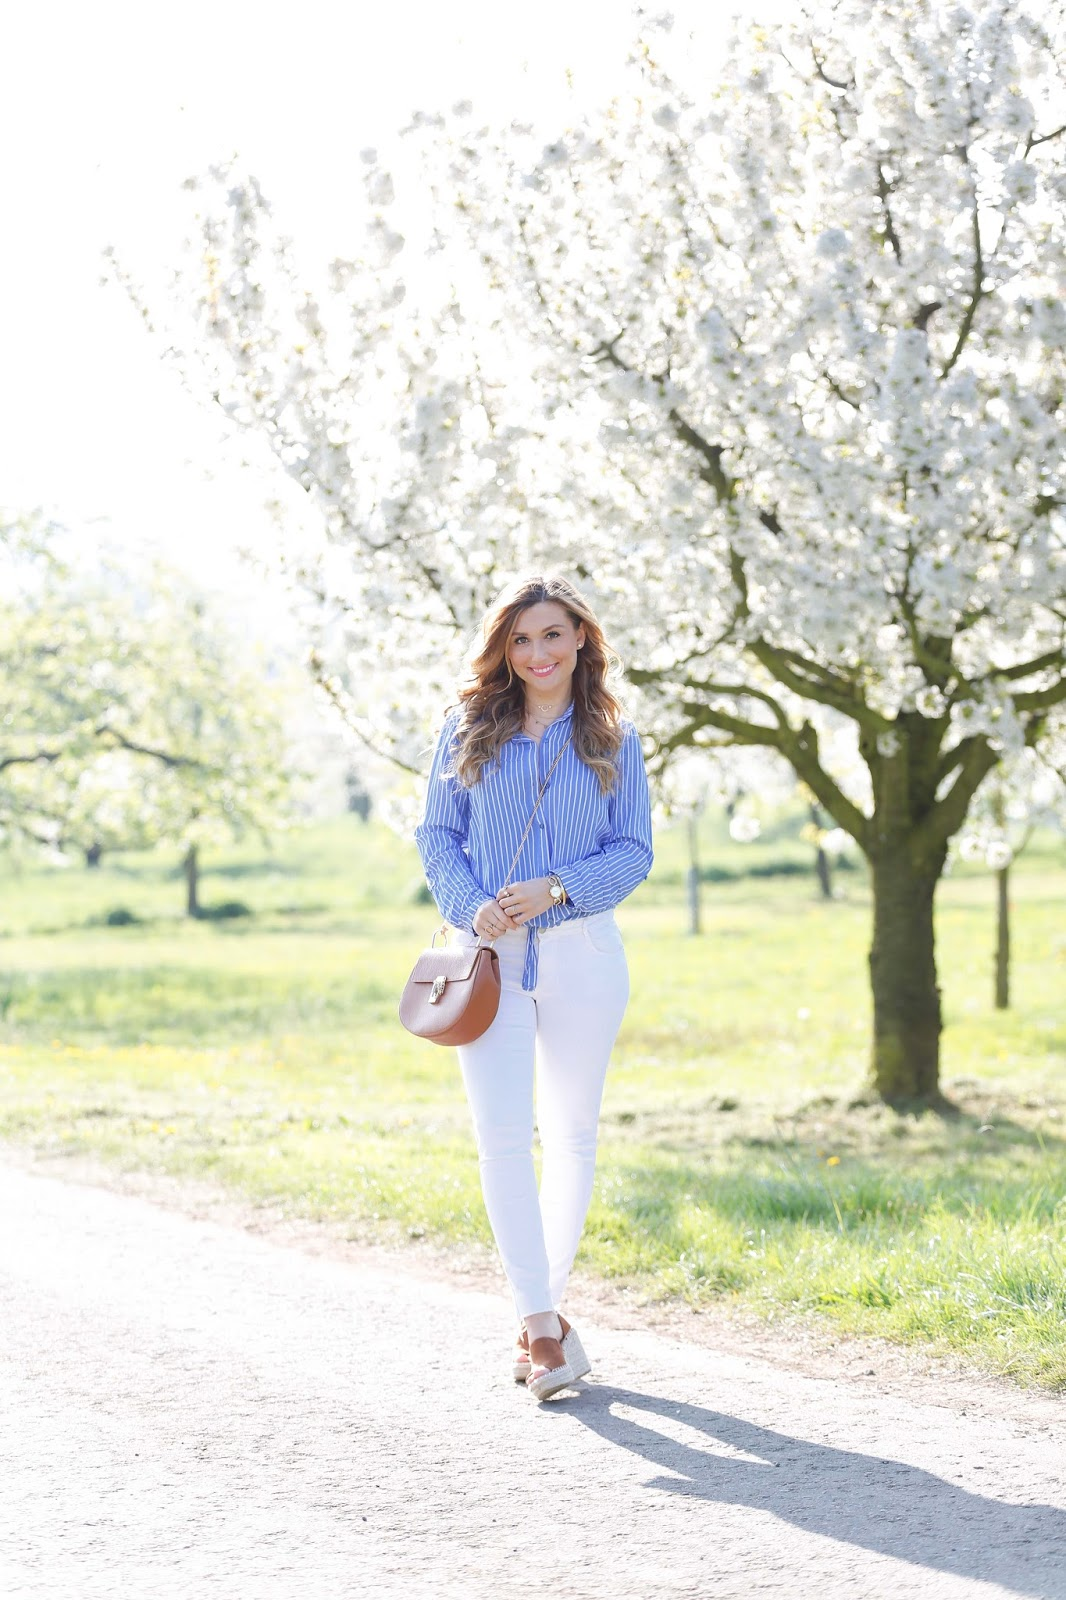 wedges-schuhe-braun-lookalike-chloe-just-fab-schuhe von Justfab-german-fashionbloger-deutscheblogger